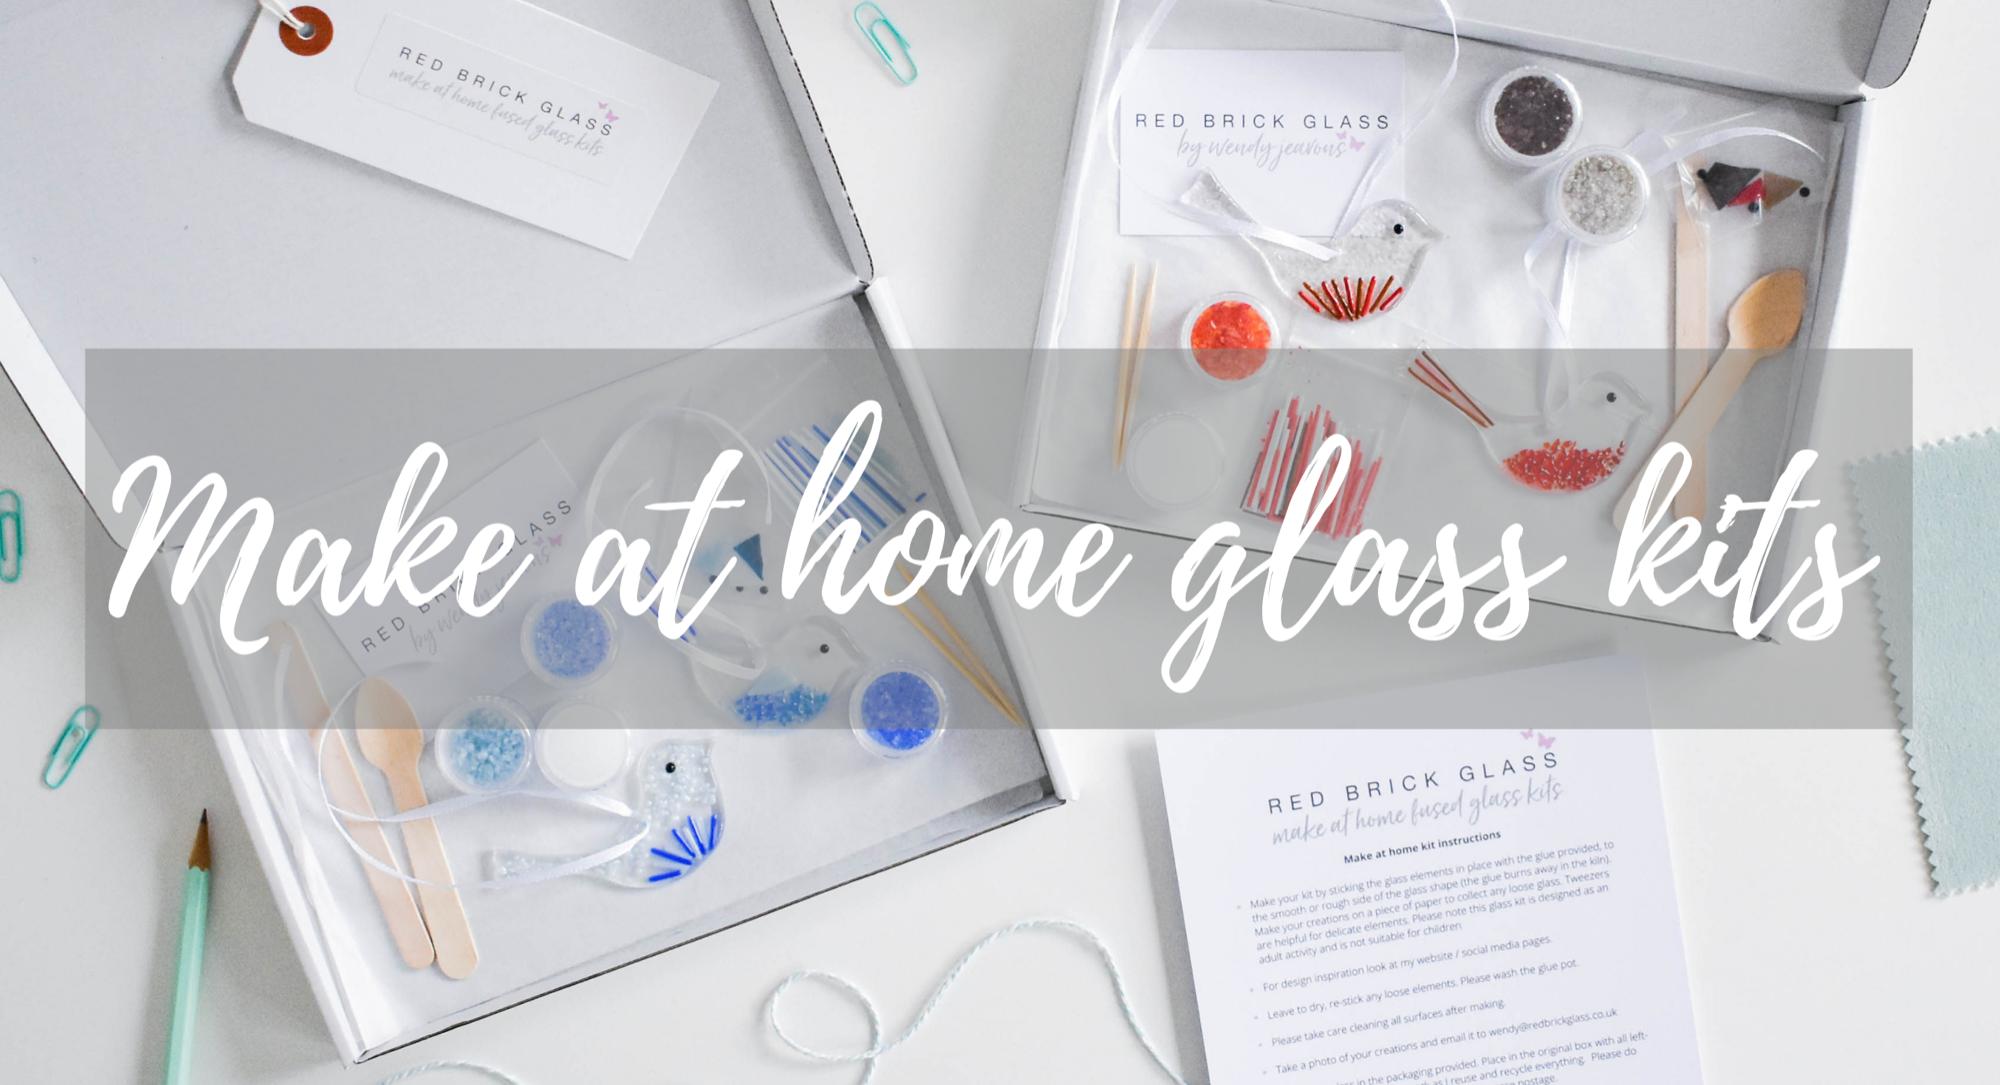 Make at home glass kits